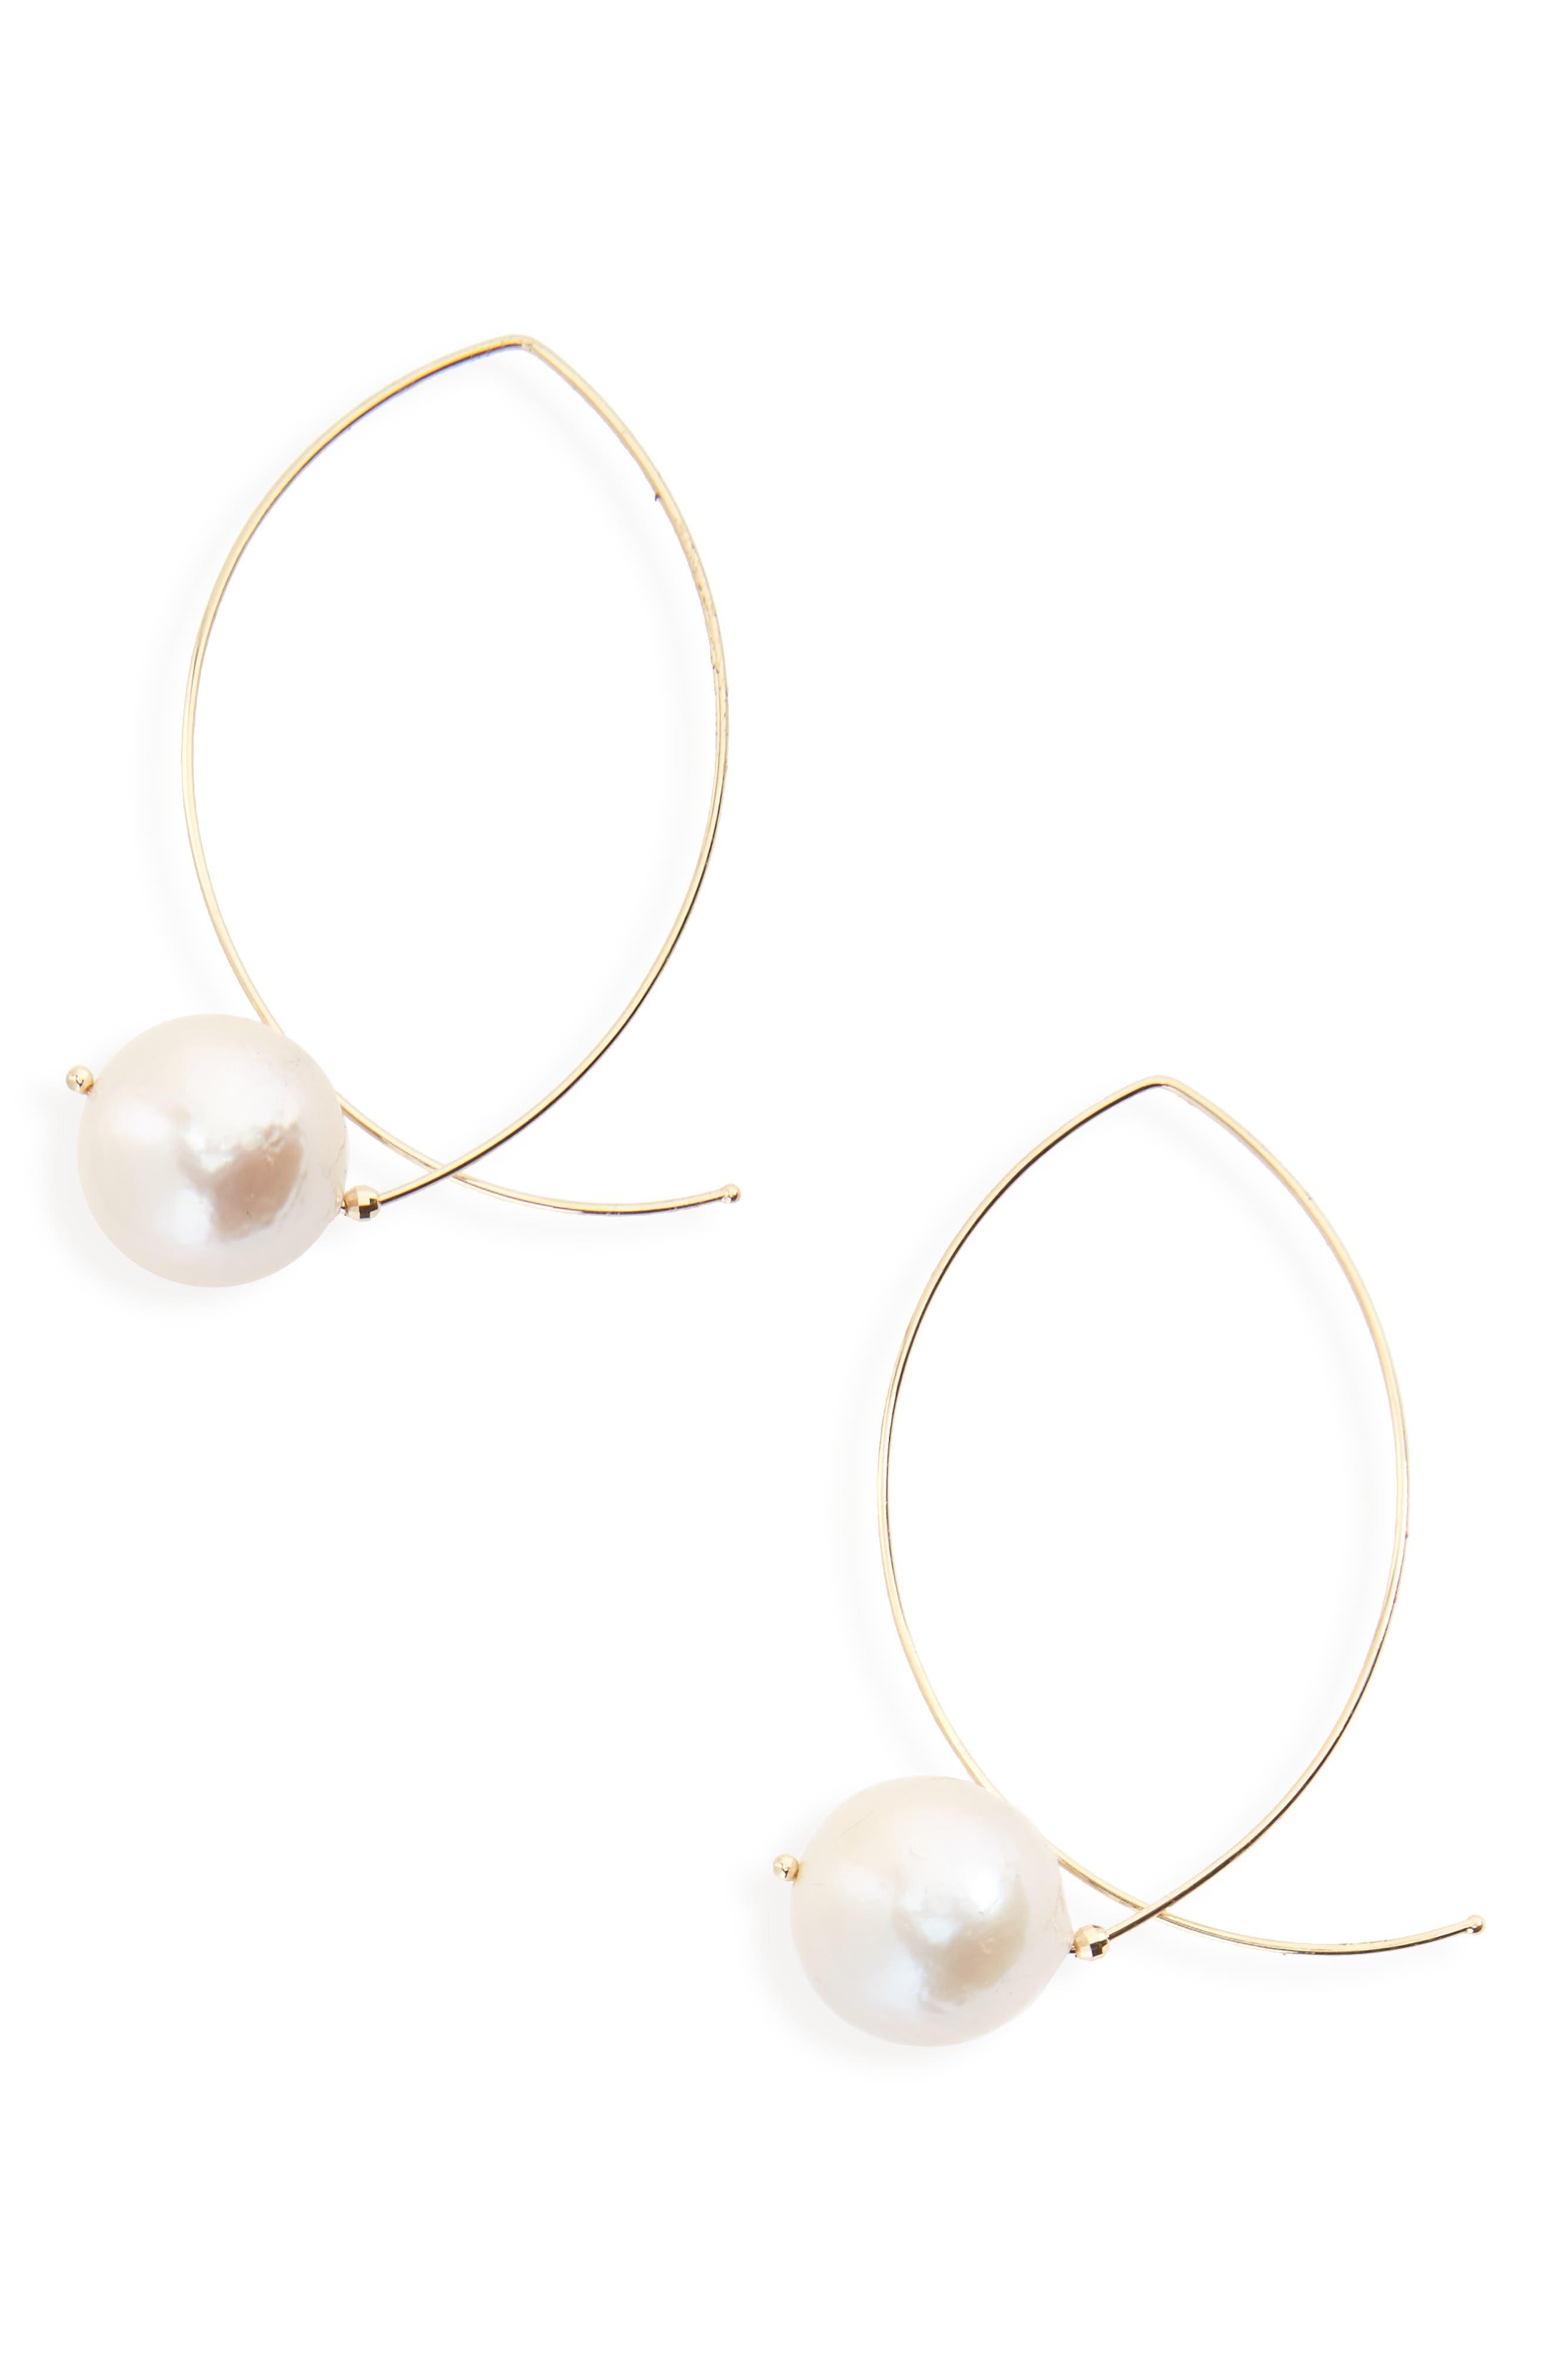 Sea of Beauty Baroque Pearl Earrings,                             Main thumbnail 1, color,                             Pl 14Kyg